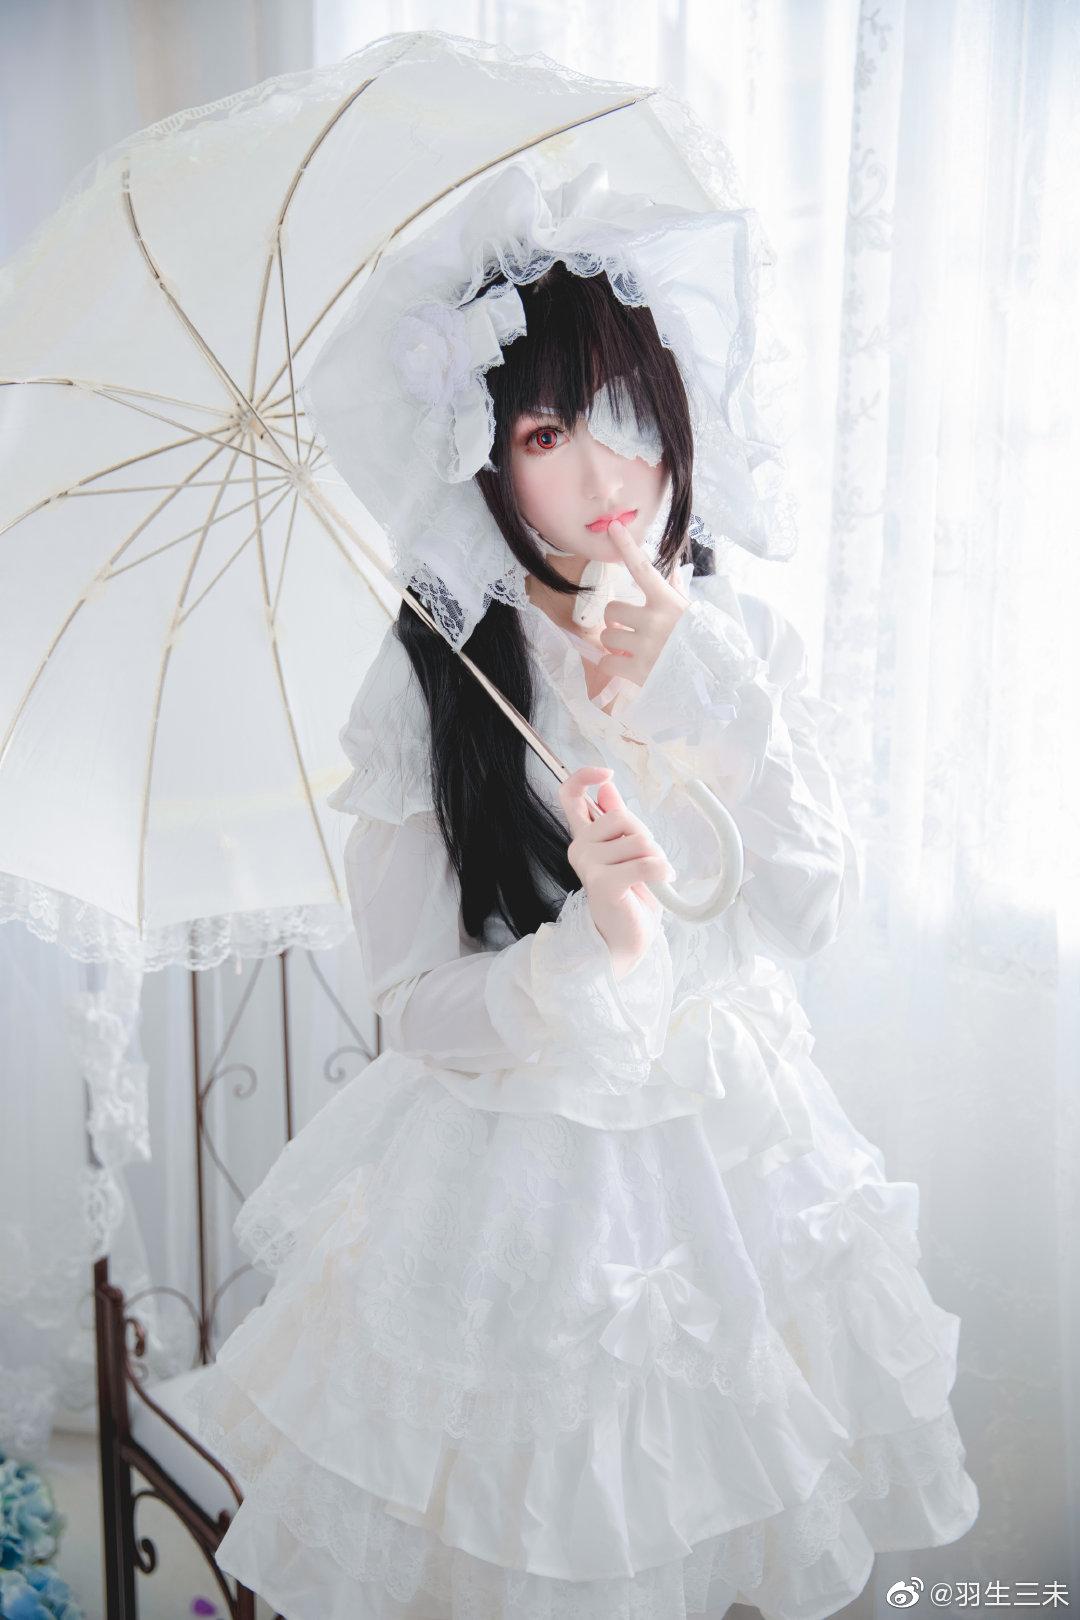 时崎狂三白洋装Cosplay(10P)